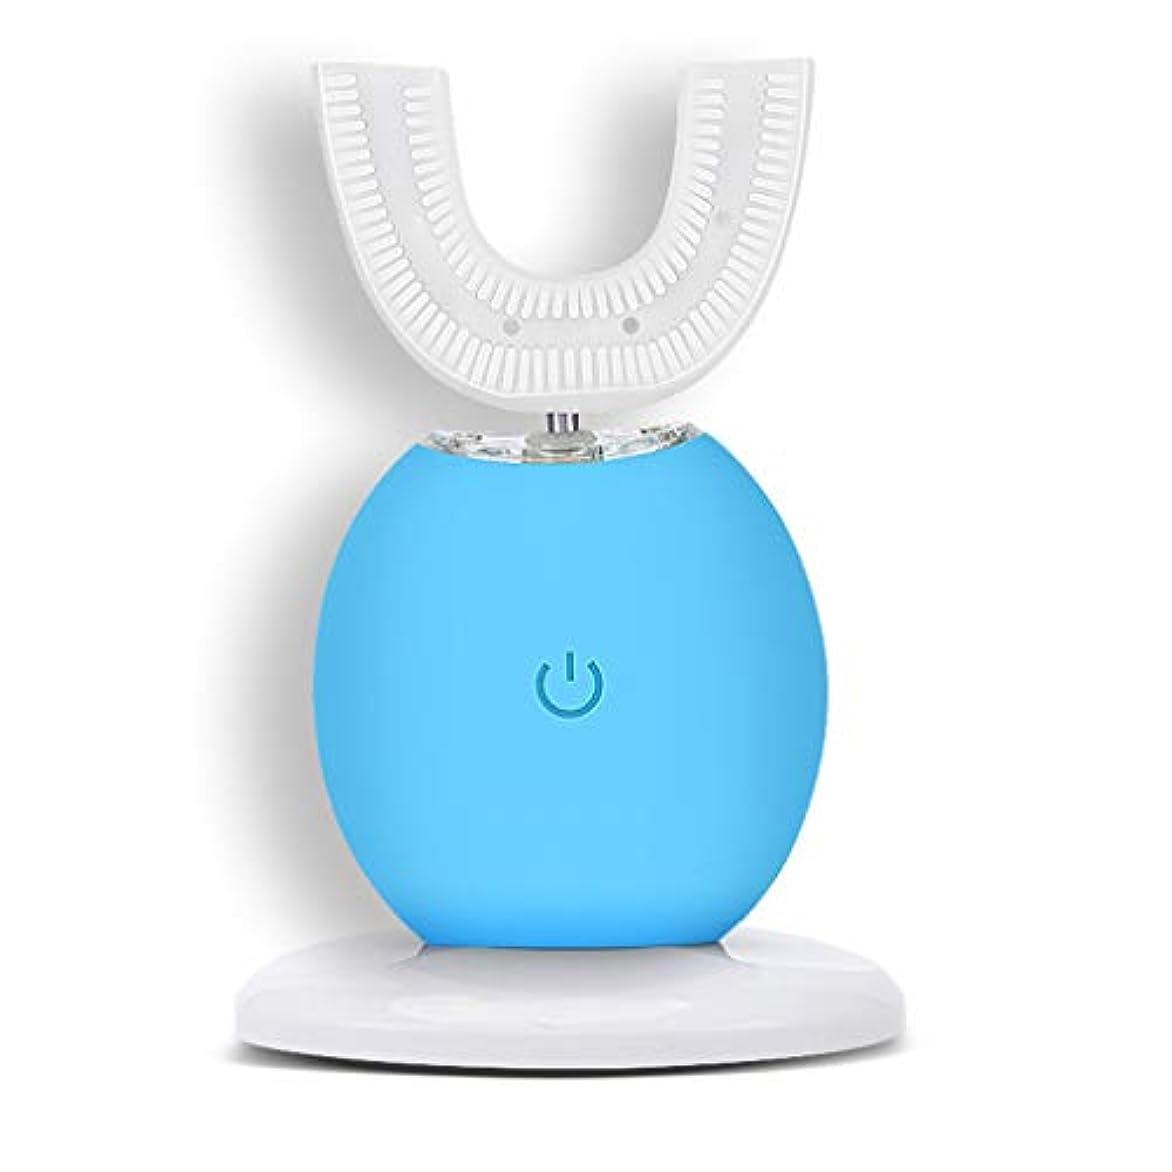 ローズクレジット連邦自動電動歯ブラシインテリジェント超音波ホワイトニング防水カップルブレース怠惰なブラッシングアーティファクト (色 : 青)